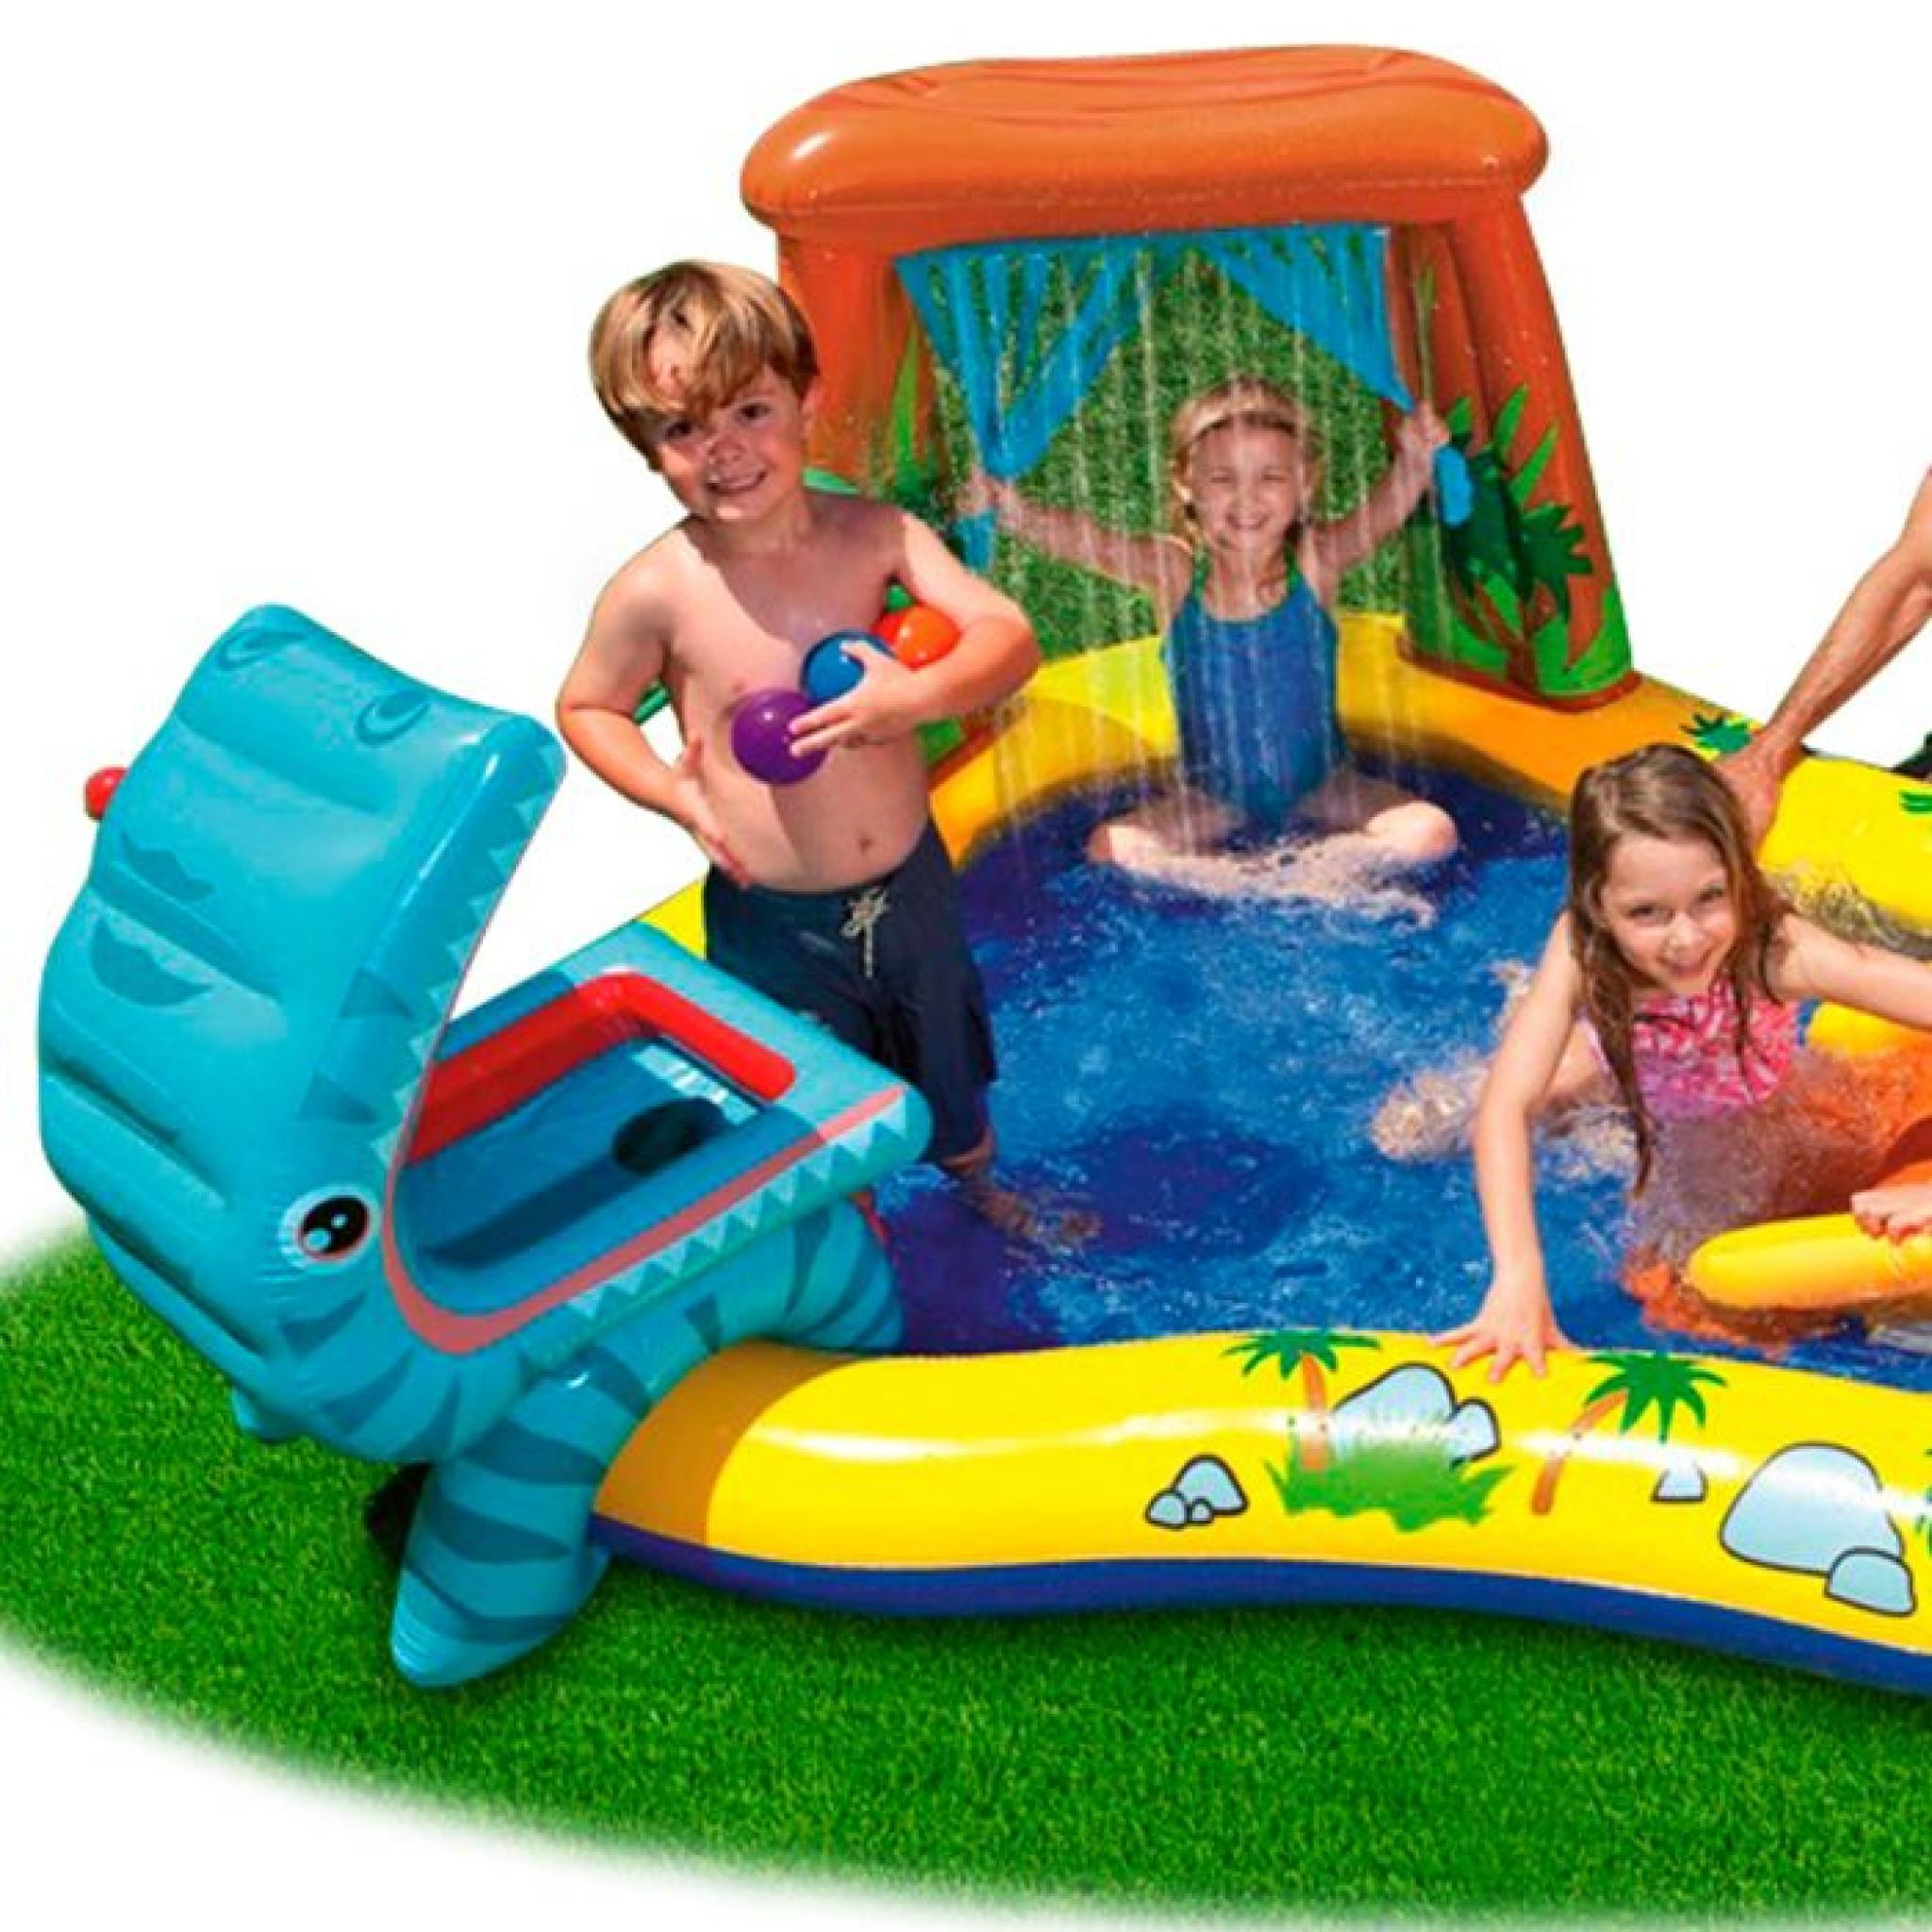 Intex Piscine Gonflable Enfant / Aire De Jeux Aquatique 297 X 193 X 135 Cm  Rainbow Avec Toboggan, Sprayer, Anneaux Gonflables Et Bal à Piscine Enfant Pas Cher